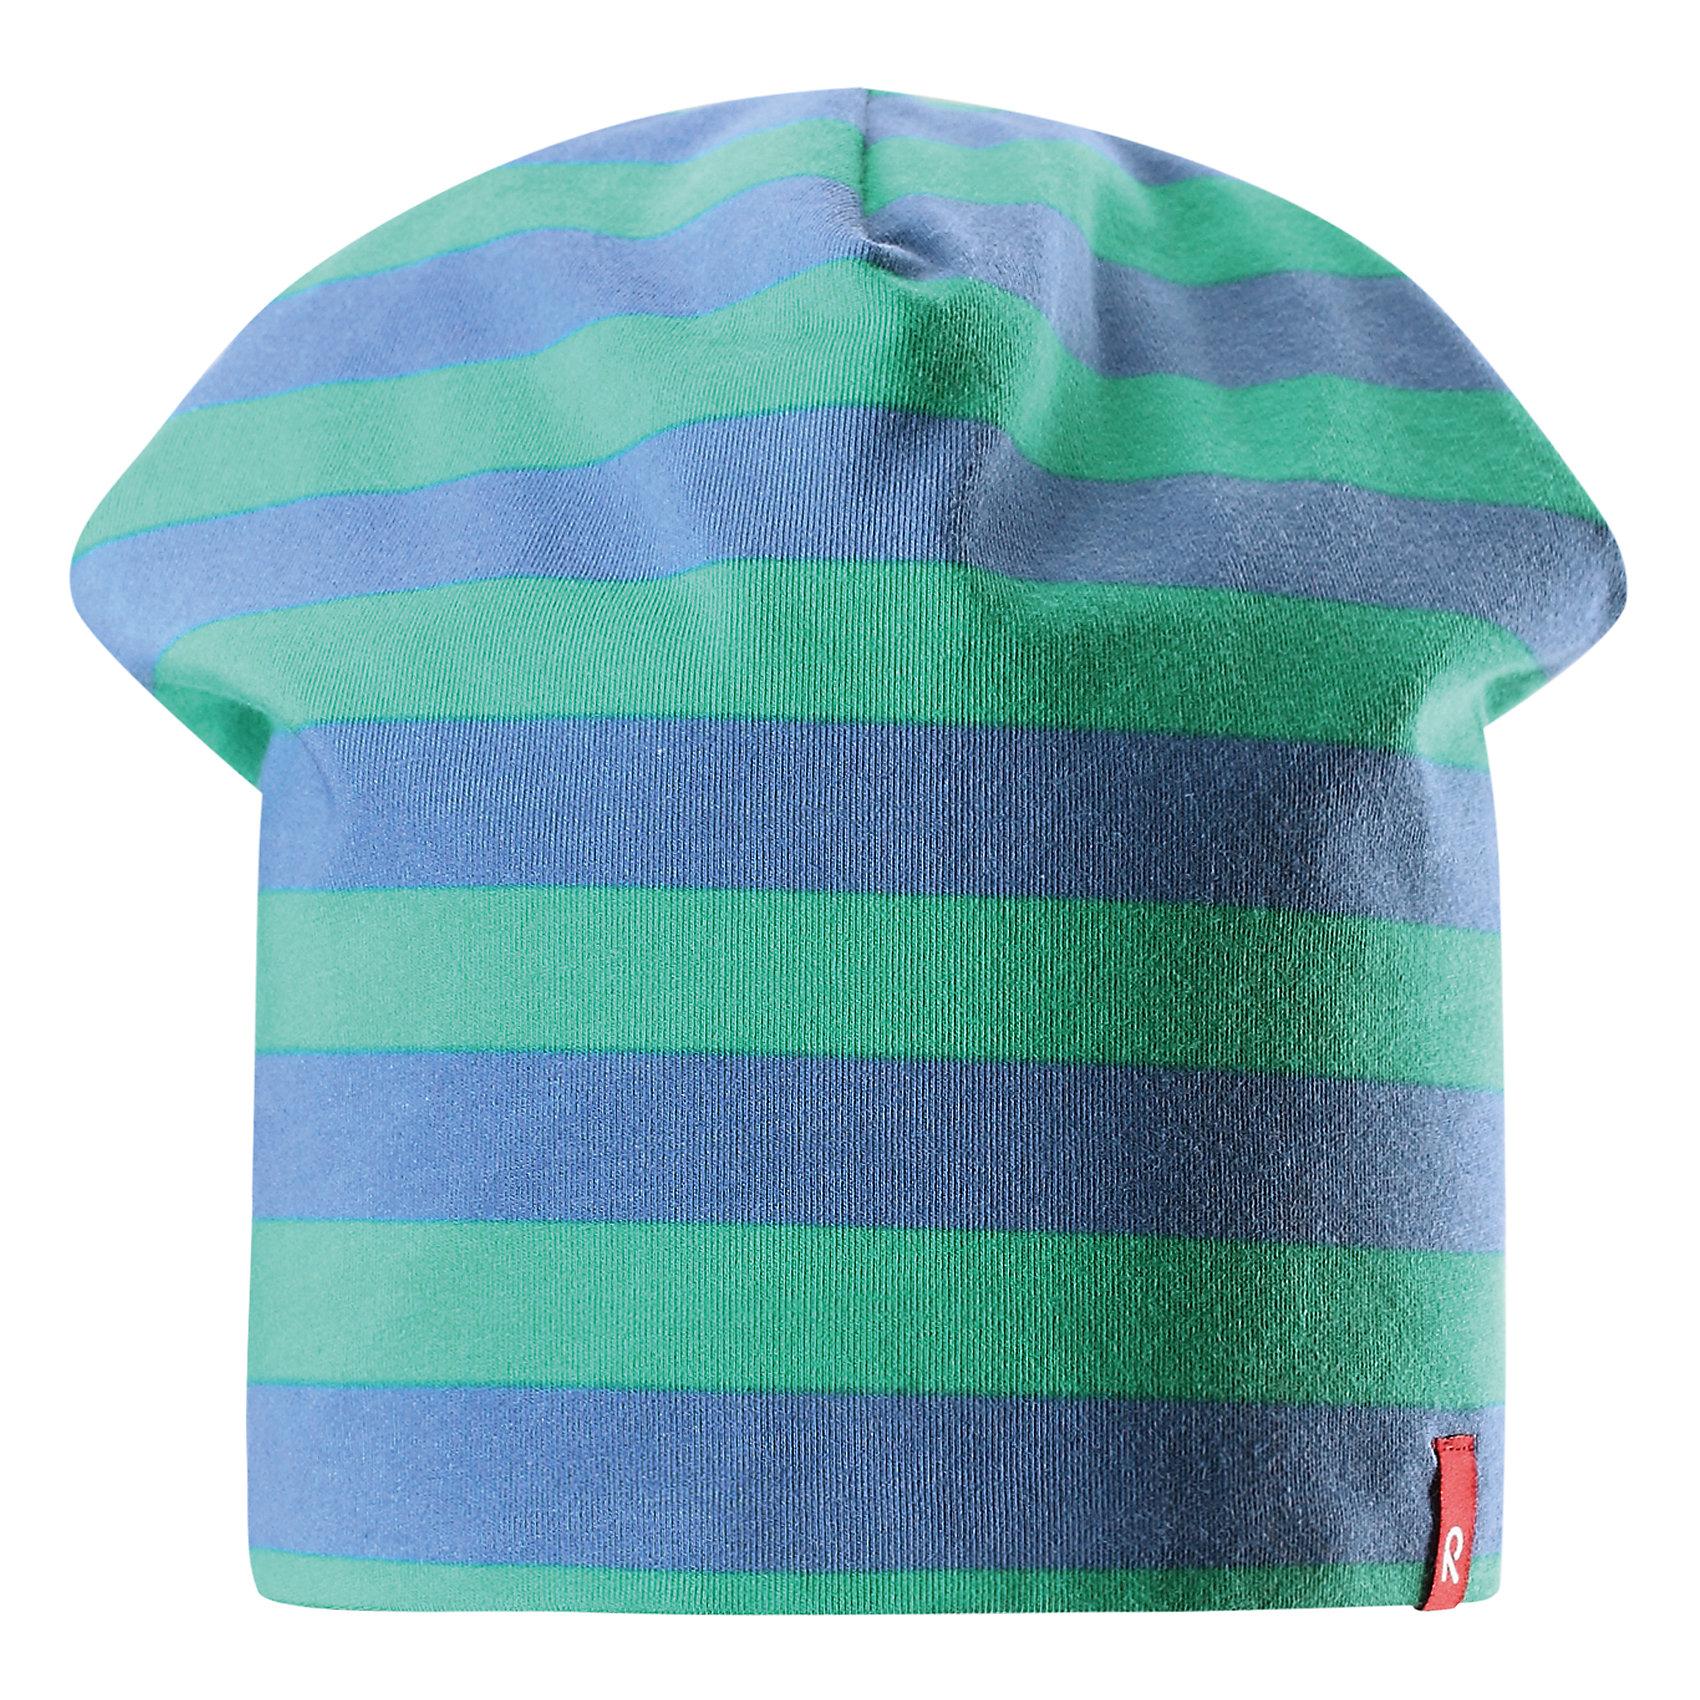 Шапка Frappe для мальчика ReimaШапки и шарфы<br>Характеристики товара:<br><br>• цвет: зеленый/синий<br>• быстросохнущий материал<br>• состав: 65% хлопок, 30% полиэстер, 5% эластан<br>• температурный режим: от +5°до +15°С<br>• эластичный материал<br>• сплошная подкладка: влаговыводящий трикотаж<br>• двухсторонняя<br>• отводящий влагу материал Play Jersey<br>• декоративный логотип<br>• фактор защиты от ультрафиолета: 40+<br>• комфортная посадка<br>• страна производства: Китай<br>• страна бренда: Финляндия<br>• коллекция: весна-лето 2017<br><br>Детский головной убор может быть модным и удобным одновременно! Стильная шапка поможет обеспечить ребенку комфорт и дополнить наряд. Она отлично смотрится с различной одеждой. Шапка удобно сидит и аккуратно выглядит. Проста в уходе, долго служит. Стильный дизайн разрабатывался специально для детей. Отличная защита от солнца!<br><br>Одежда и обувь от финского бренда Reima пользуется популярностью во многих странах. Эти изделия стильные, качественные и удобные. Для производства продукции используются только безопасные, проверенные материалы и фурнитура. Порадуйте ребенка модными и красивыми вещами от Reima! <br><br>Шапку для мальчика от финского бренда Reima (Рейма) можно купить в нашем интернет-магазине.<br><br>Ширина мм: 89<br>Глубина мм: 117<br>Высота мм: 44<br>Вес г: 155<br>Цвет: зеленый<br>Возраст от месяцев: 18<br>Возраст до месяцев: 36<br>Пол: Мужской<br>Возраст: Детский<br>Размер: 50,54<br>SKU: 5267895